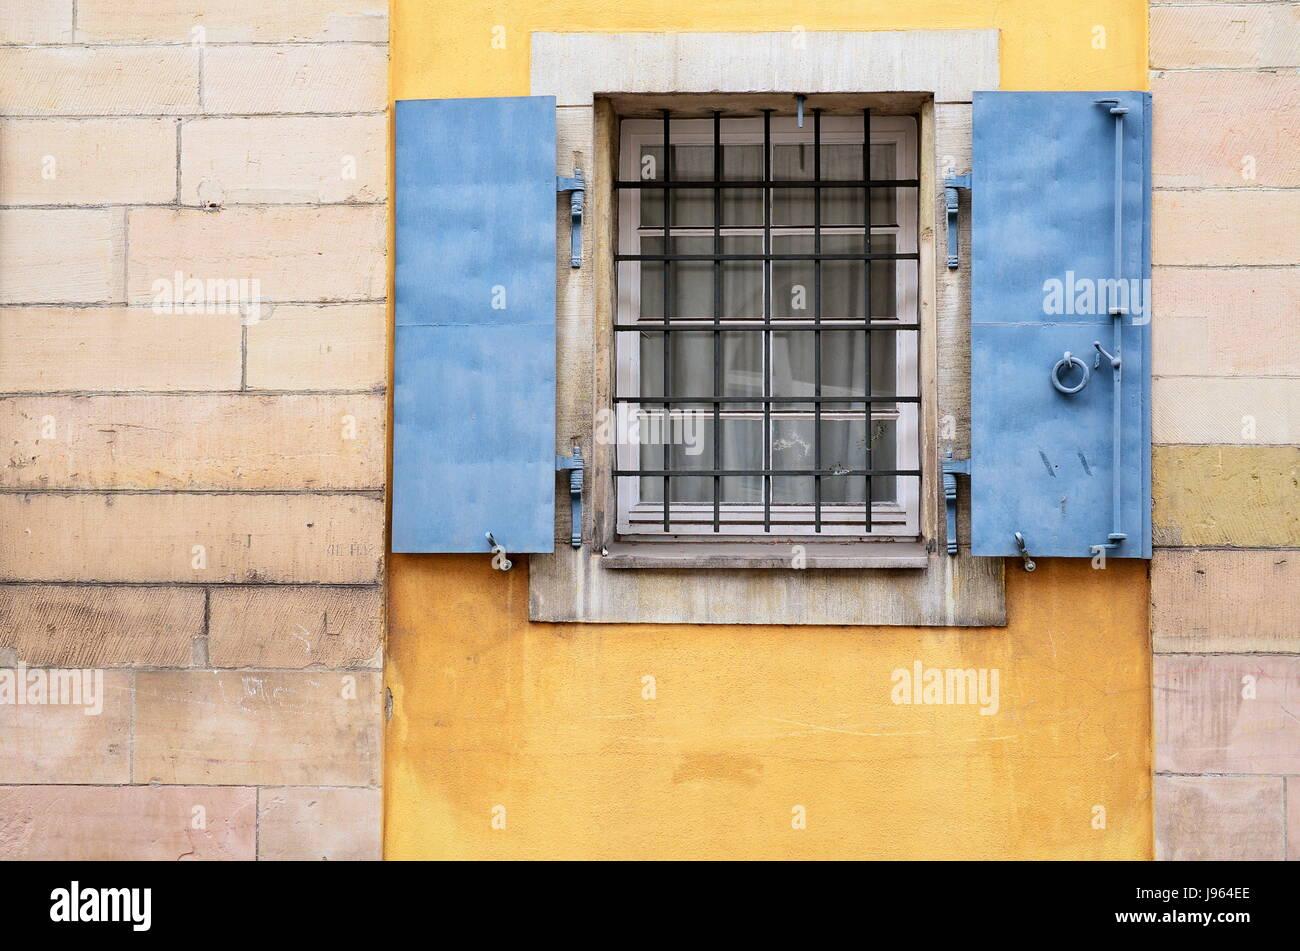 neuer Lebensstil klar und unverwechselbar limitierte Anzahl Fensterläden, Rollladen, Metallgitter, gegrillt, Gitter ...